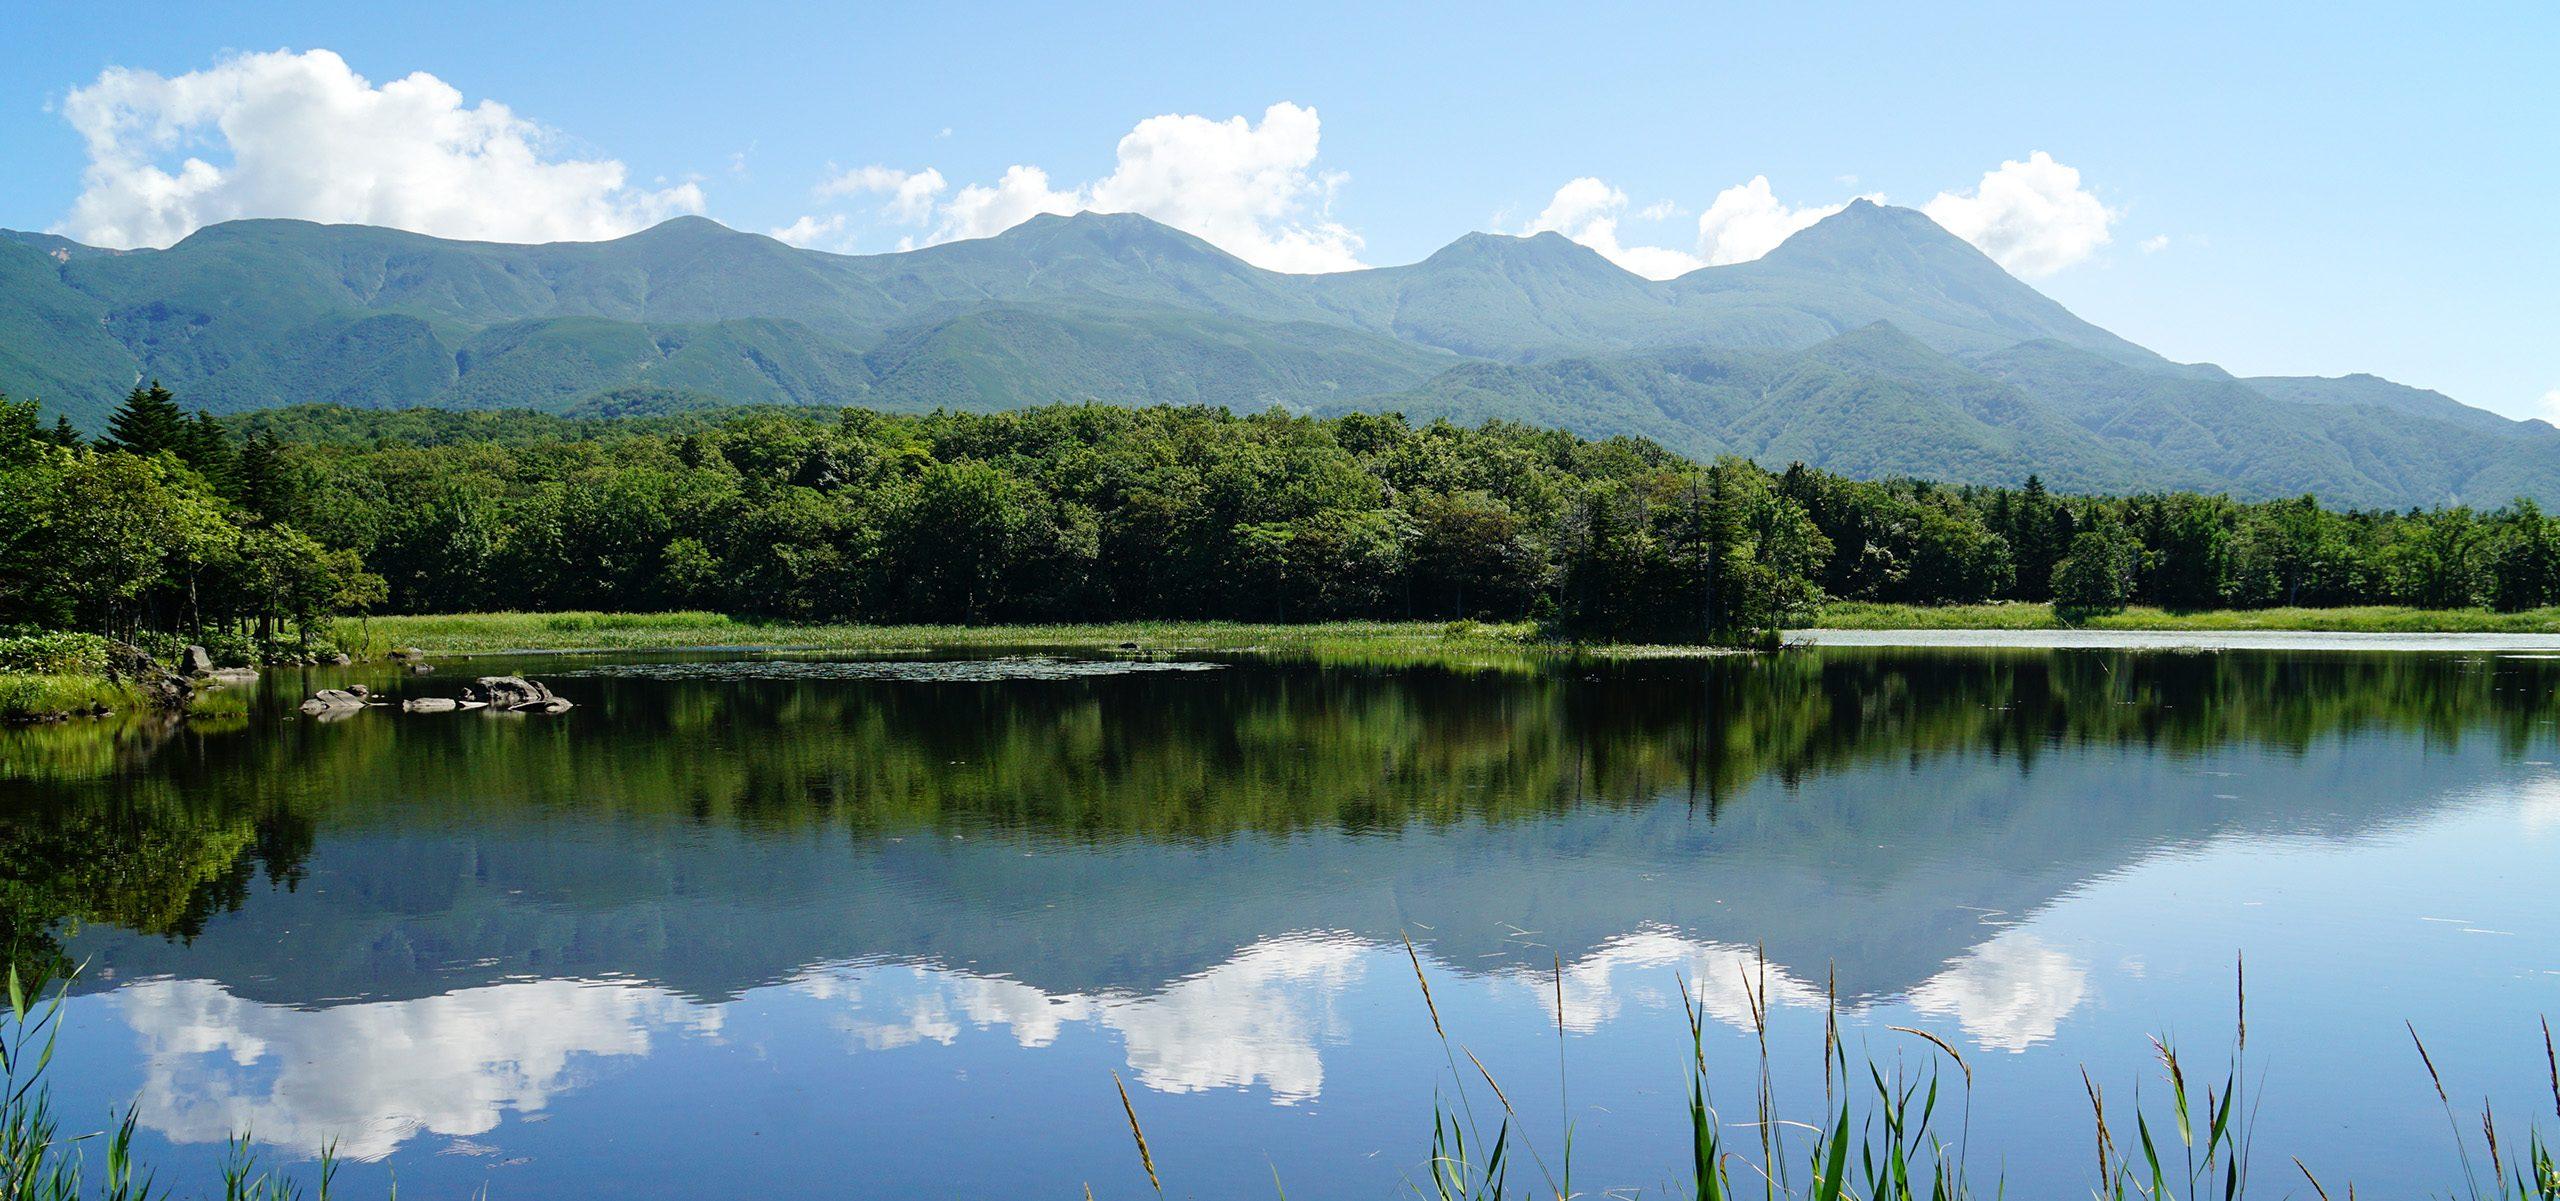 Japan-Hokkaido Mt Rausu